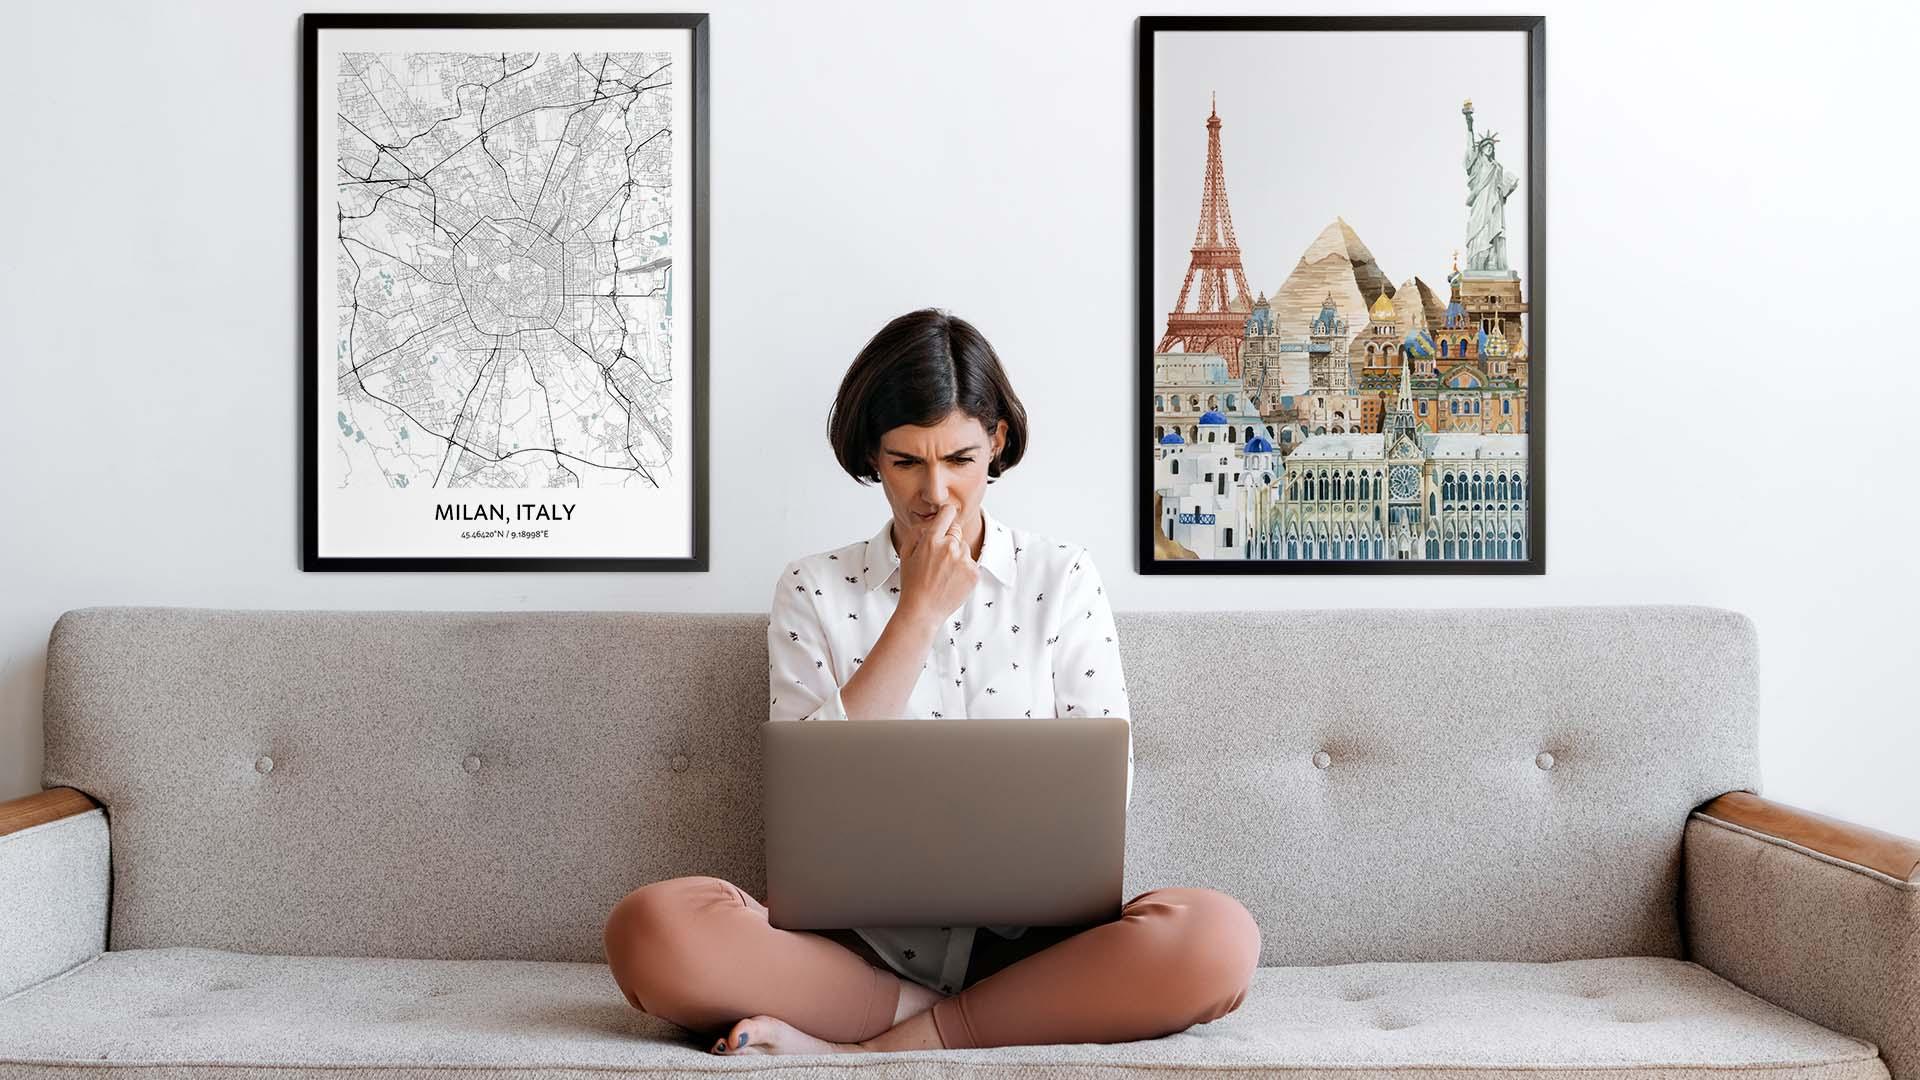 Milan city map art